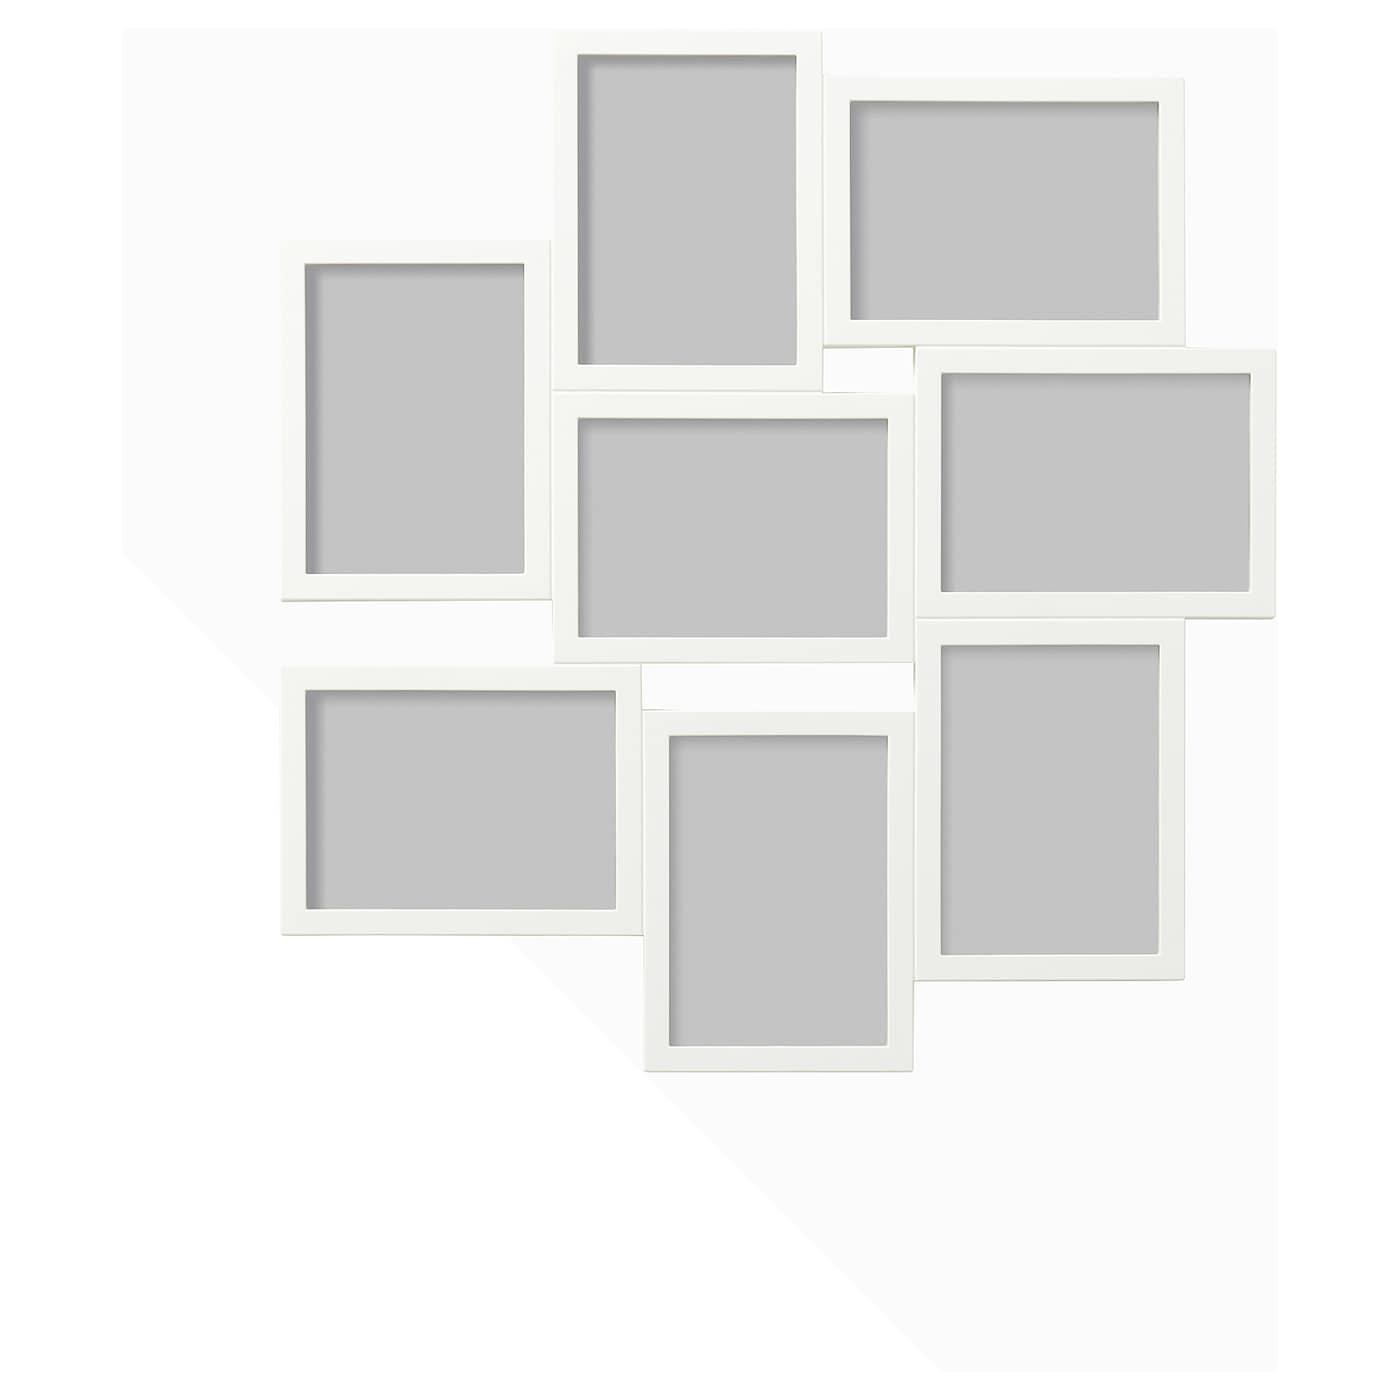 Pferd 11104102 Square Files 1142 100 H 2